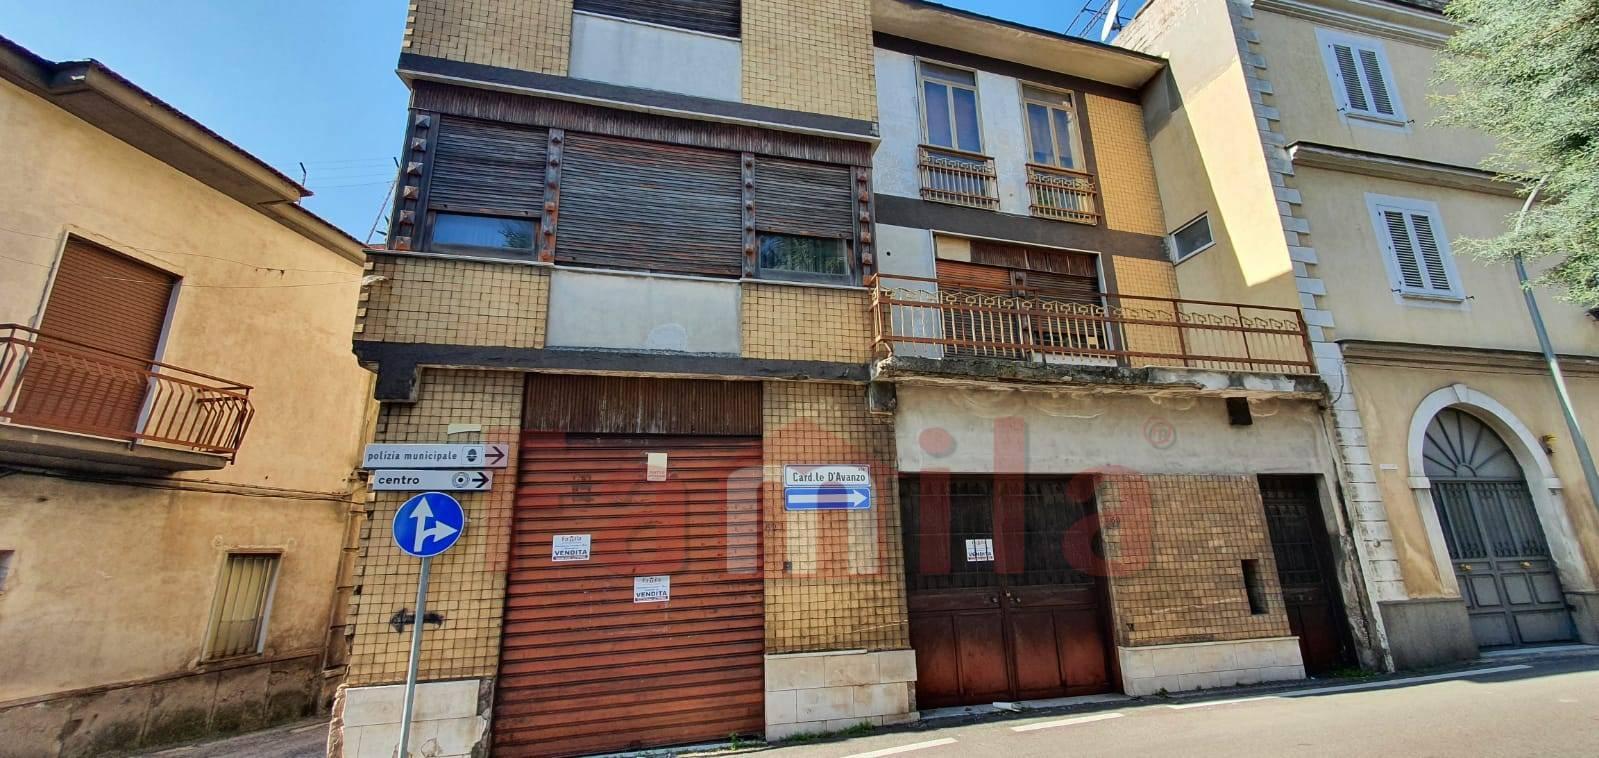 Casa indipendente in vendita a Avella (AV)